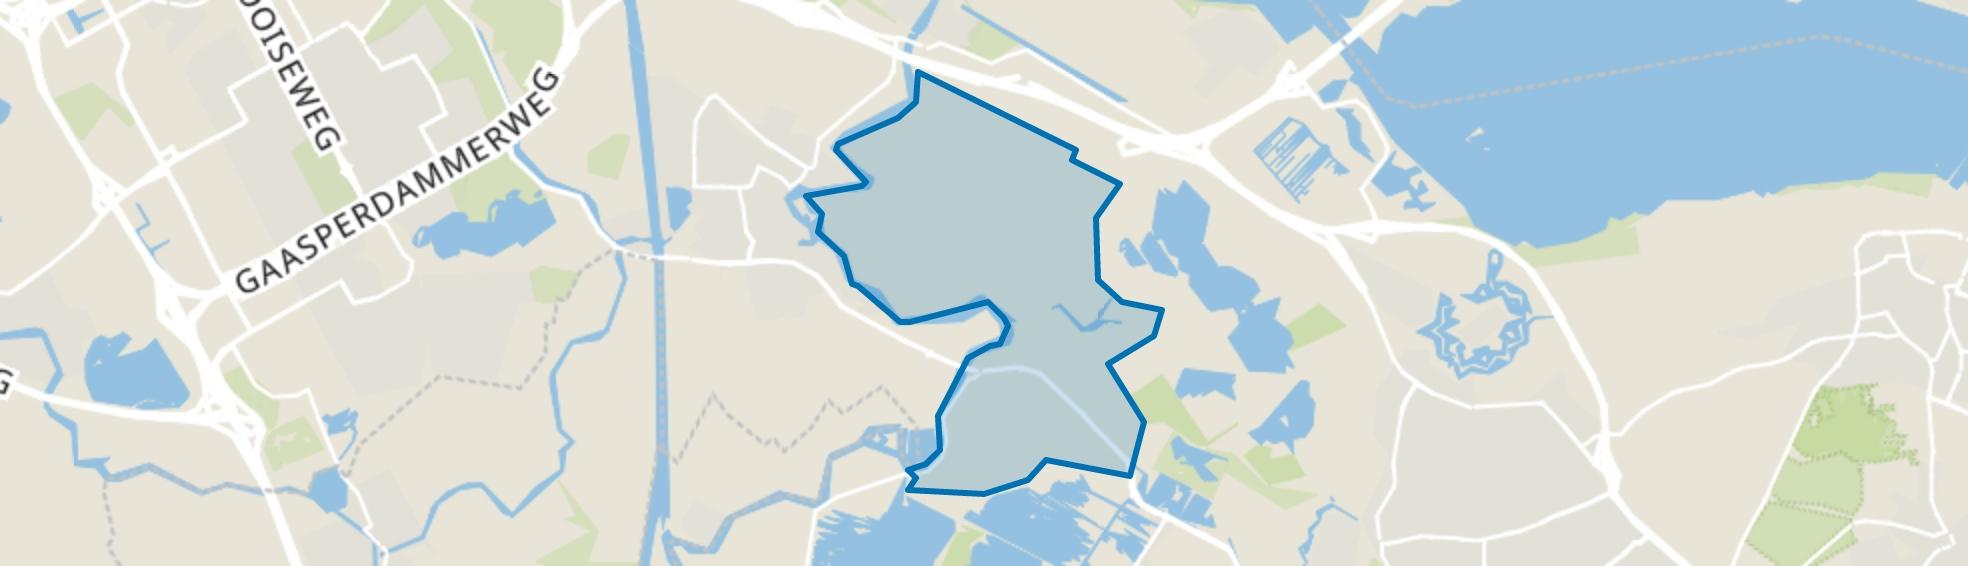 Oostelijke Vechtoever, Weesp map